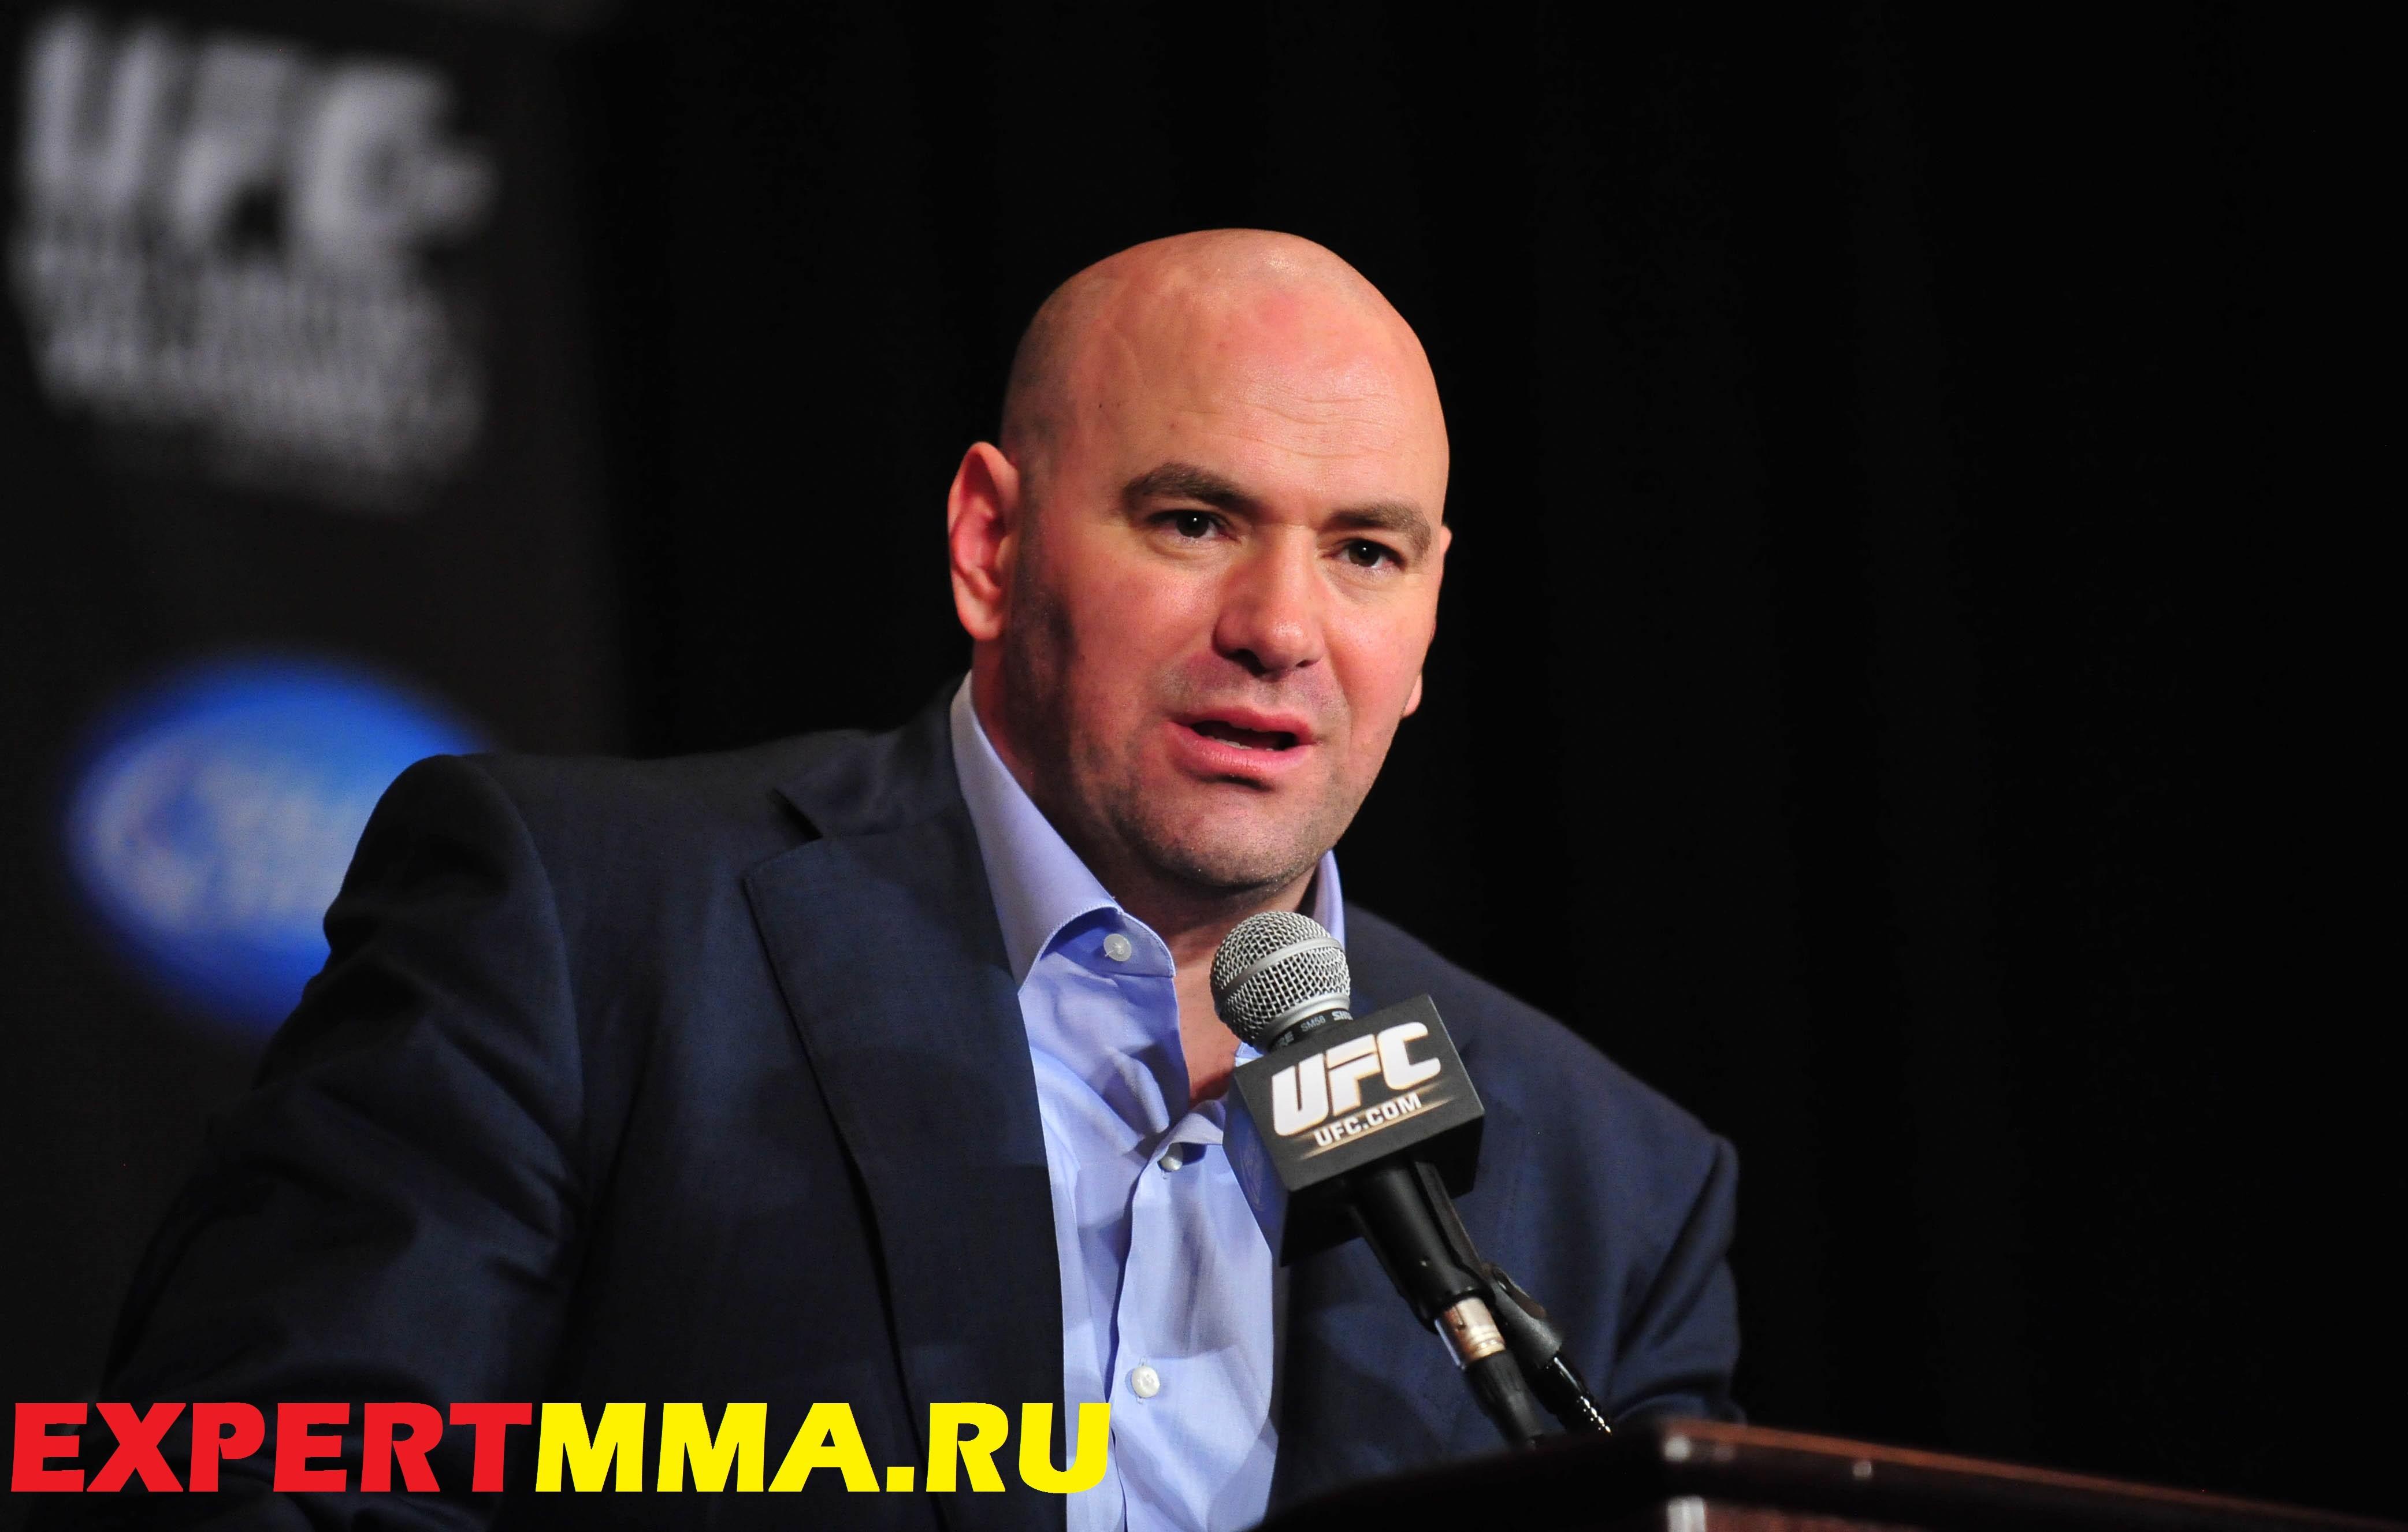 MMA: UFC 155-Dos Santos vs Velasquez 2